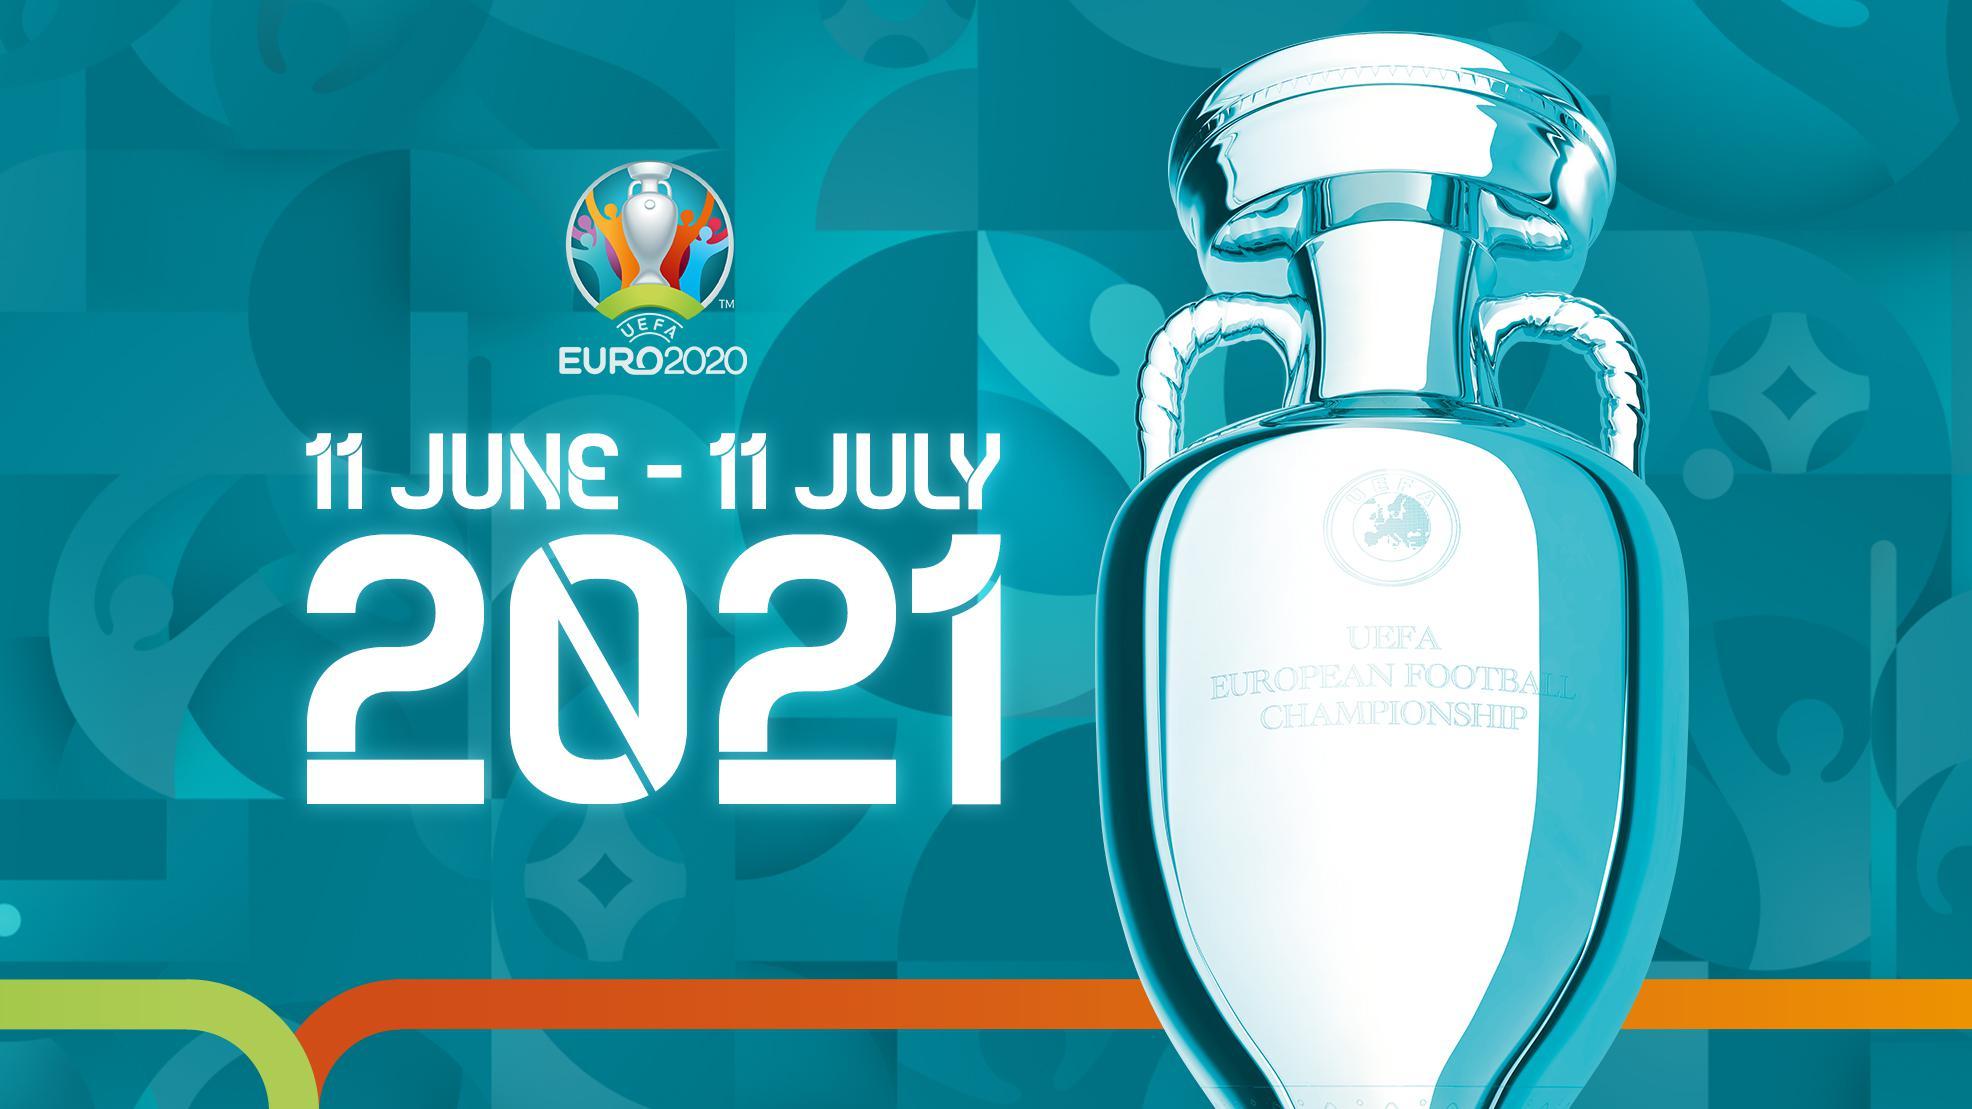 Чотири матчі ЄВРО-2020 року, які обіцяють видовище